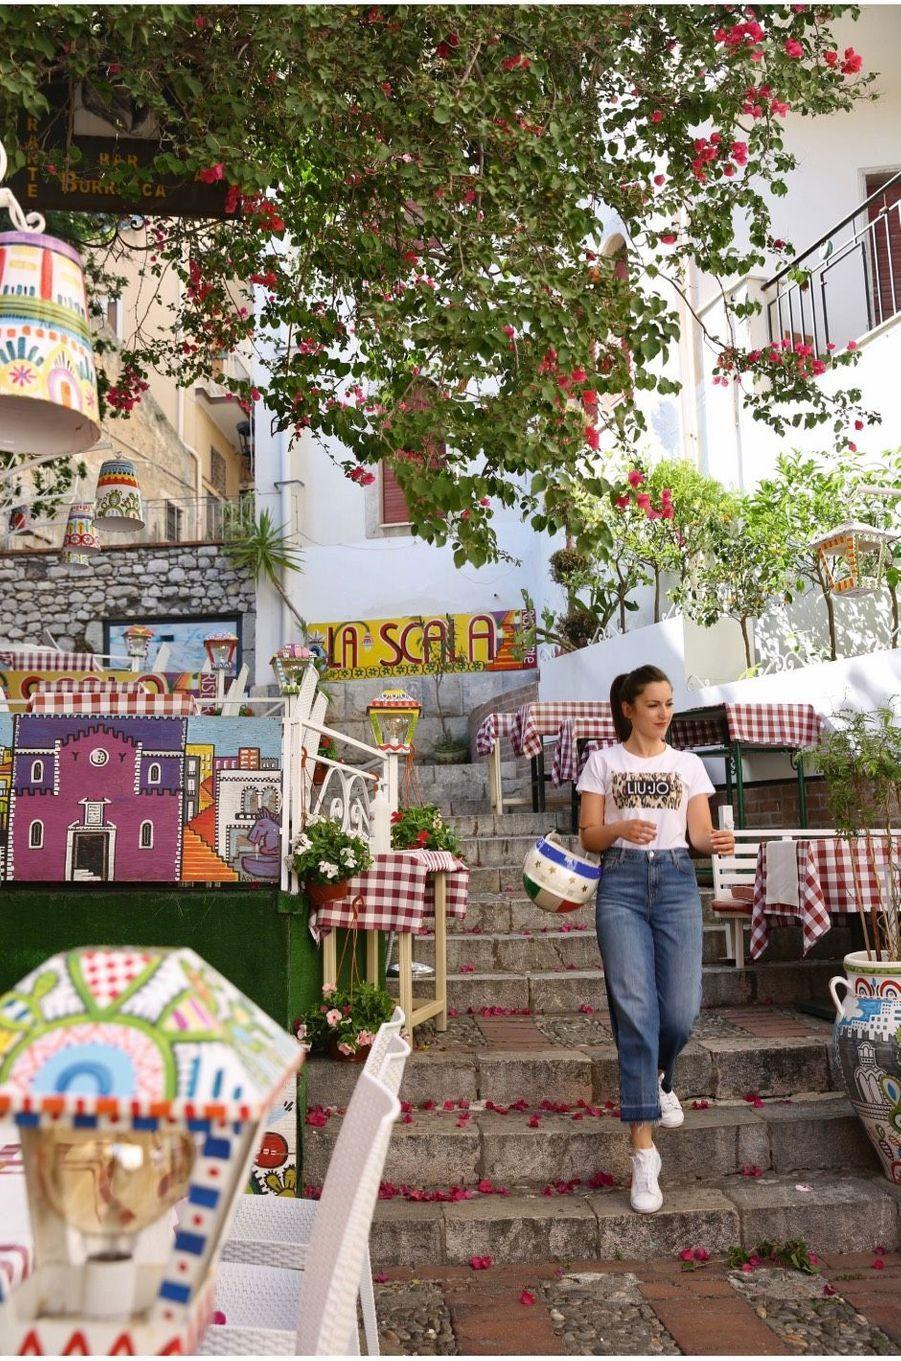 Une jeune fille de Taormine près de la place du 9-Avril.